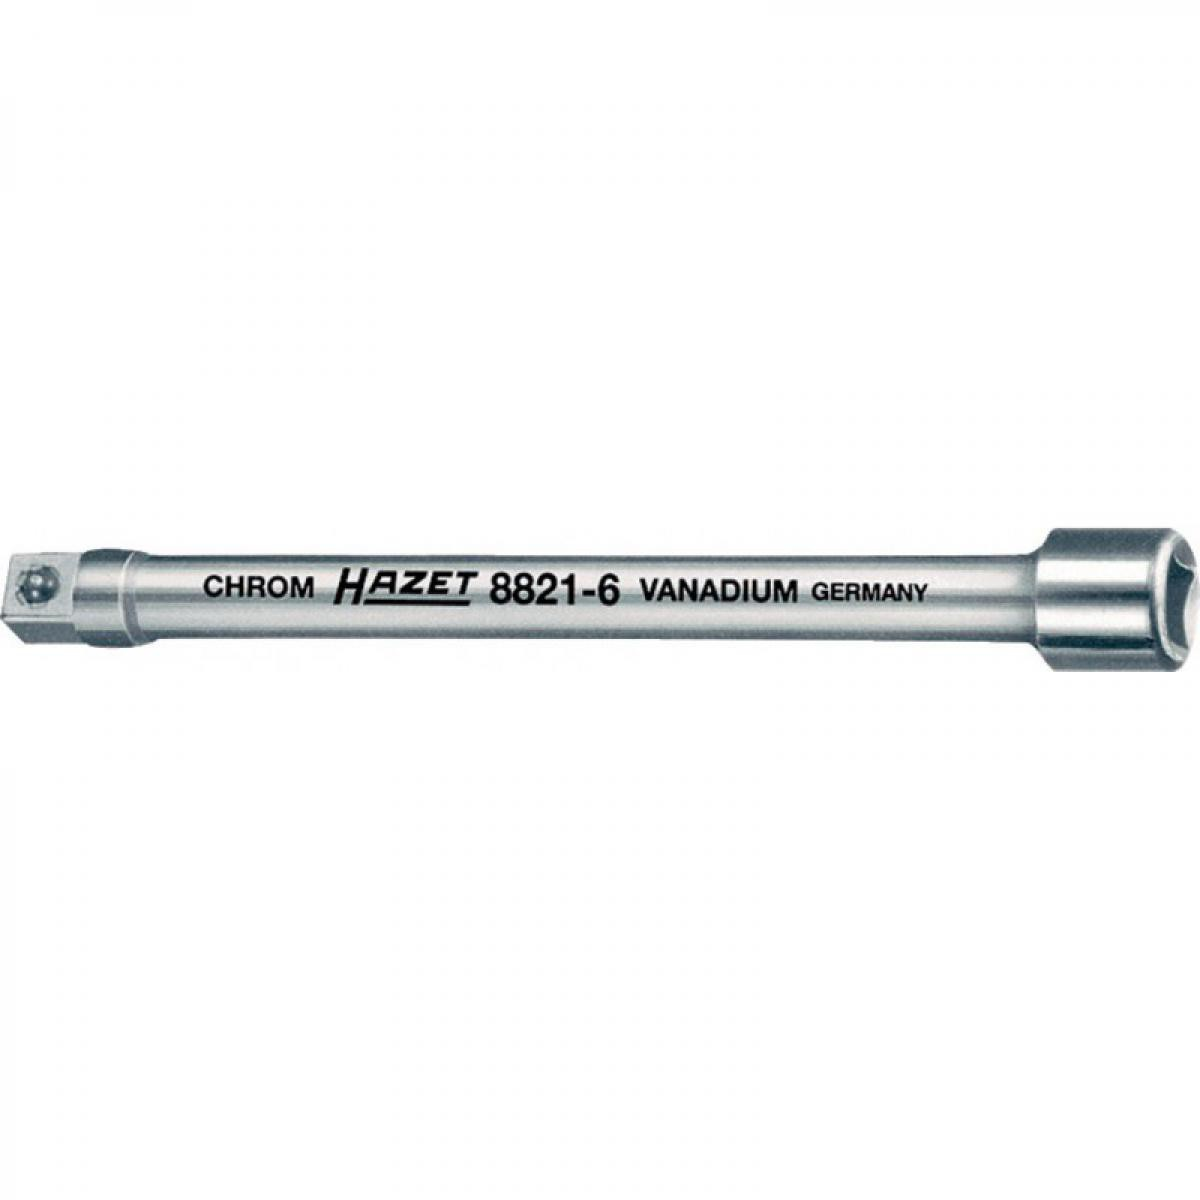 Hazet Rallonge carré creux 3/8 126 mm